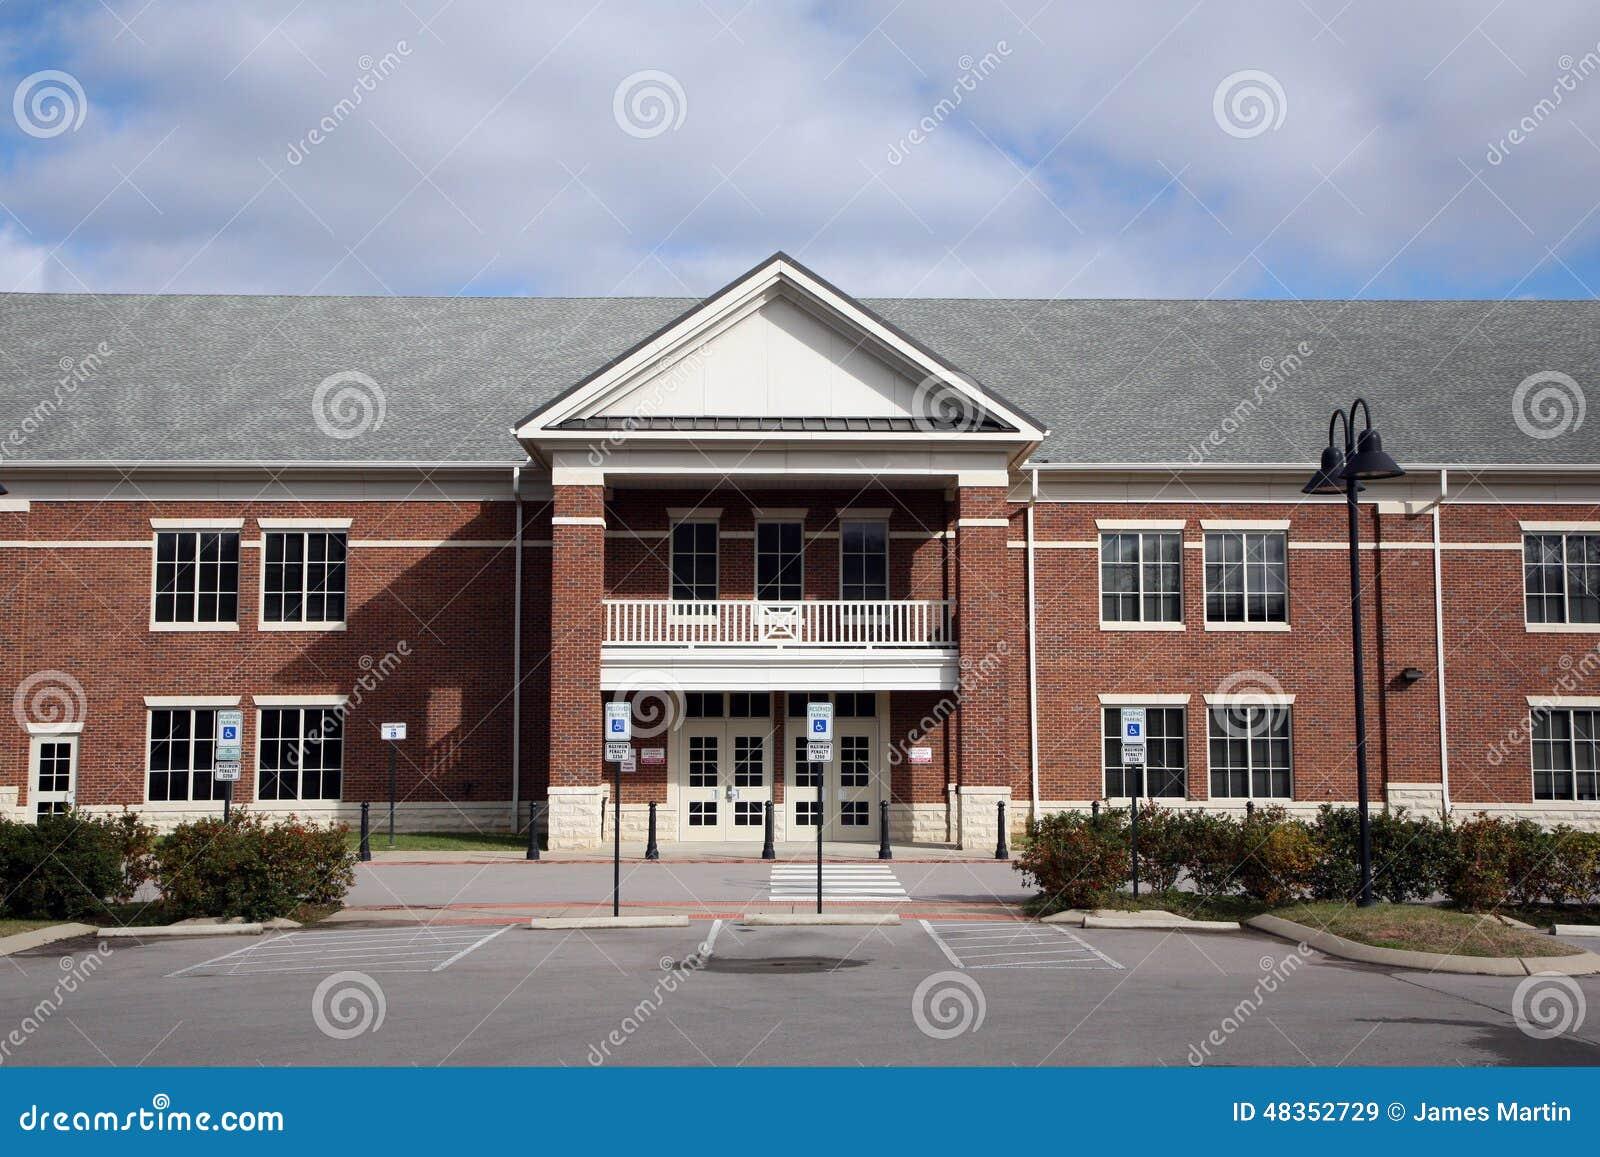 Ingang aan een schoolgebouw stock afbeelding afbeelding 48352729 - Ingang van een huis ...